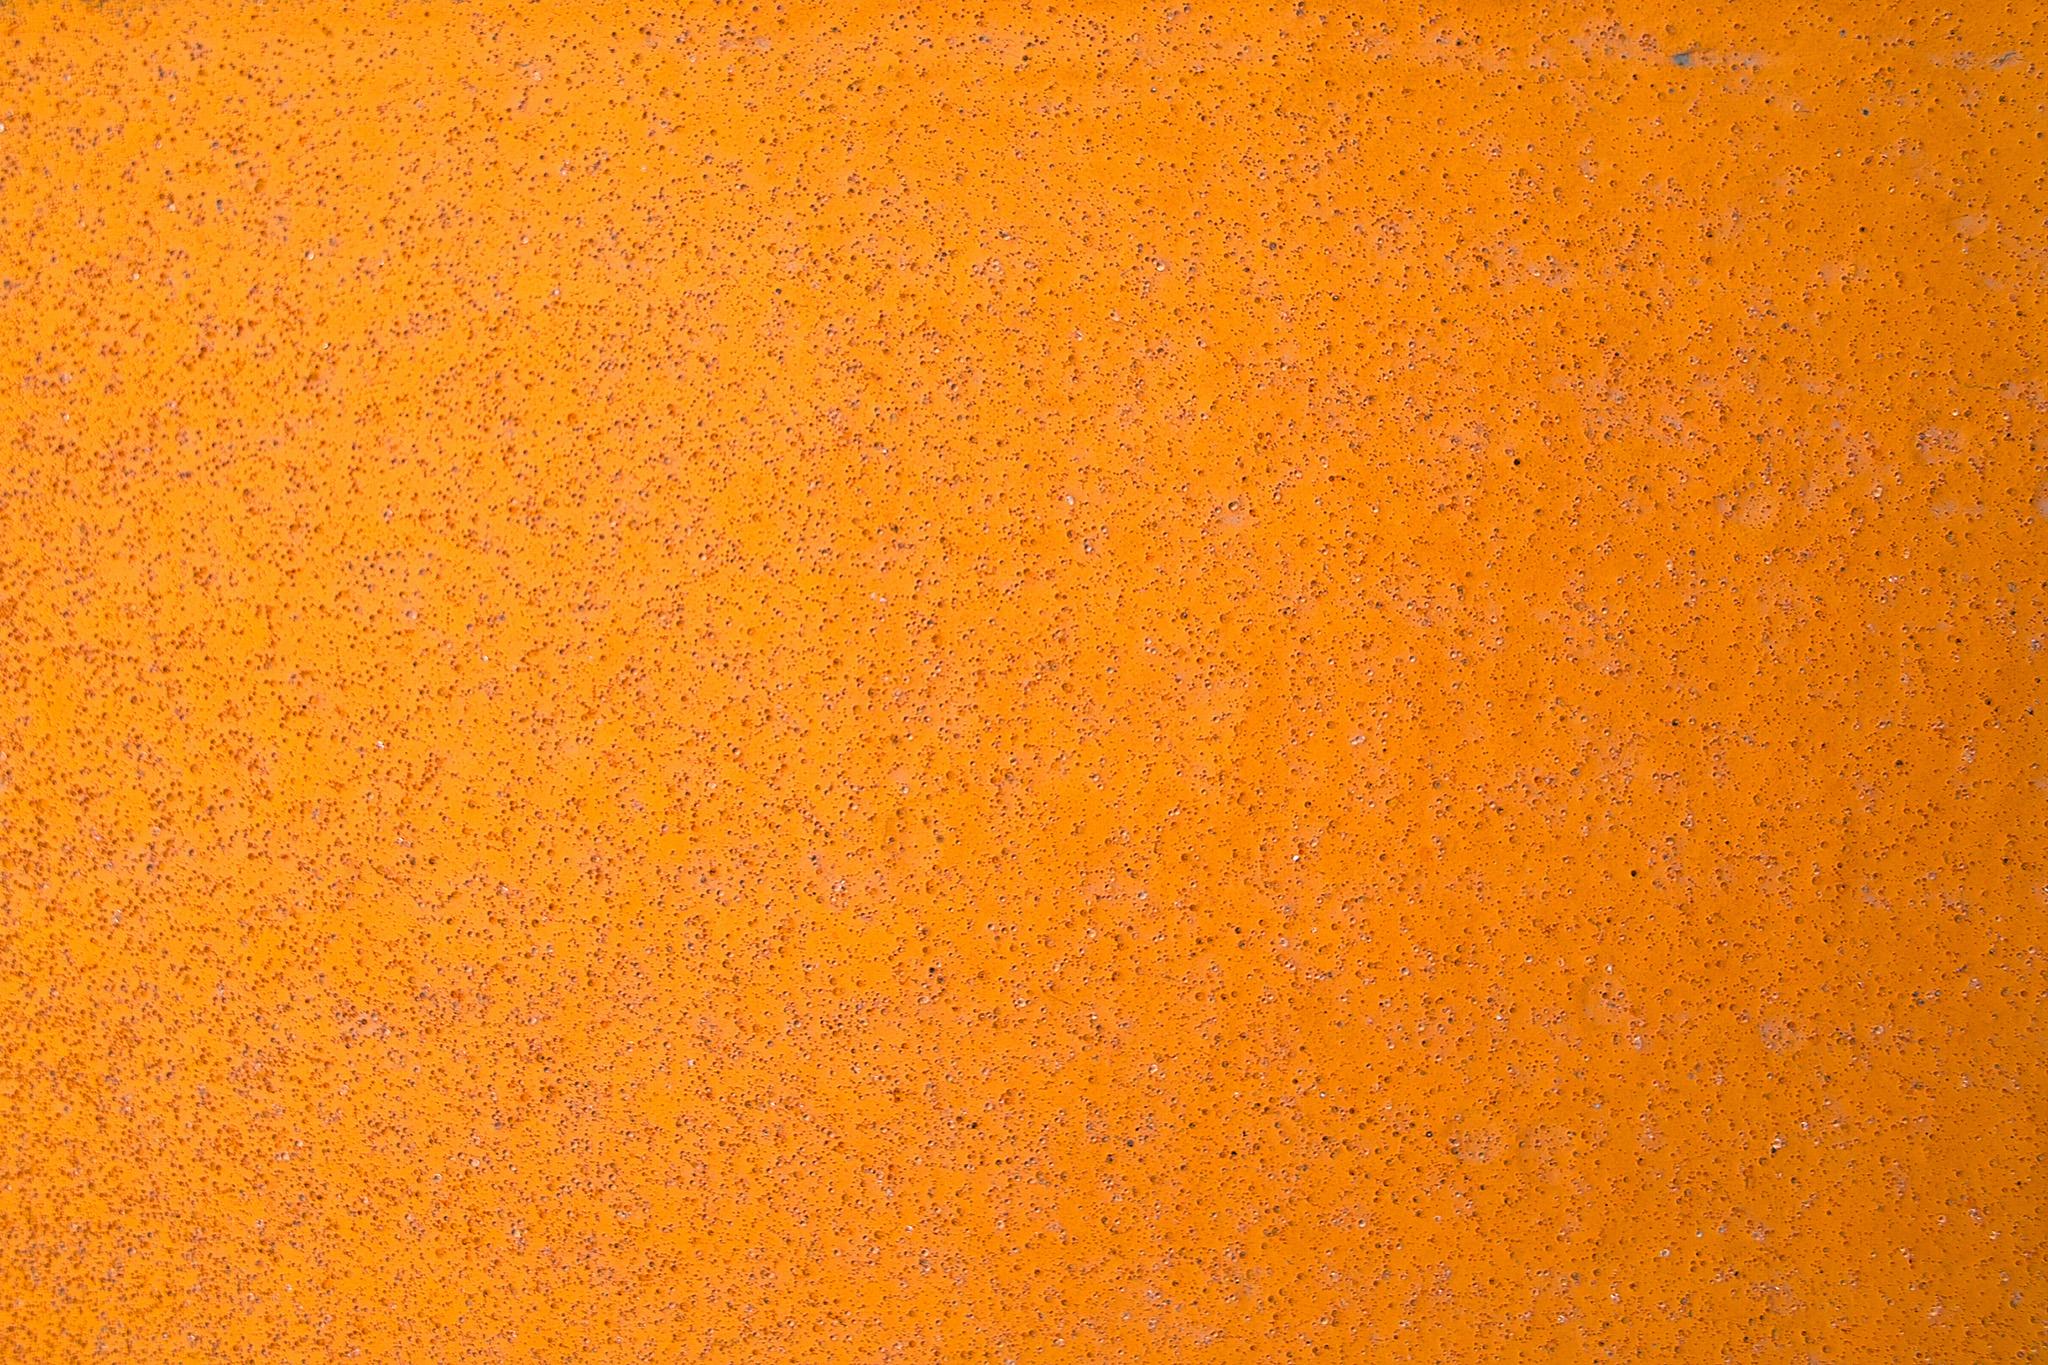 オレンジ色に塗装された鉄板に細かい錆が浮き出る